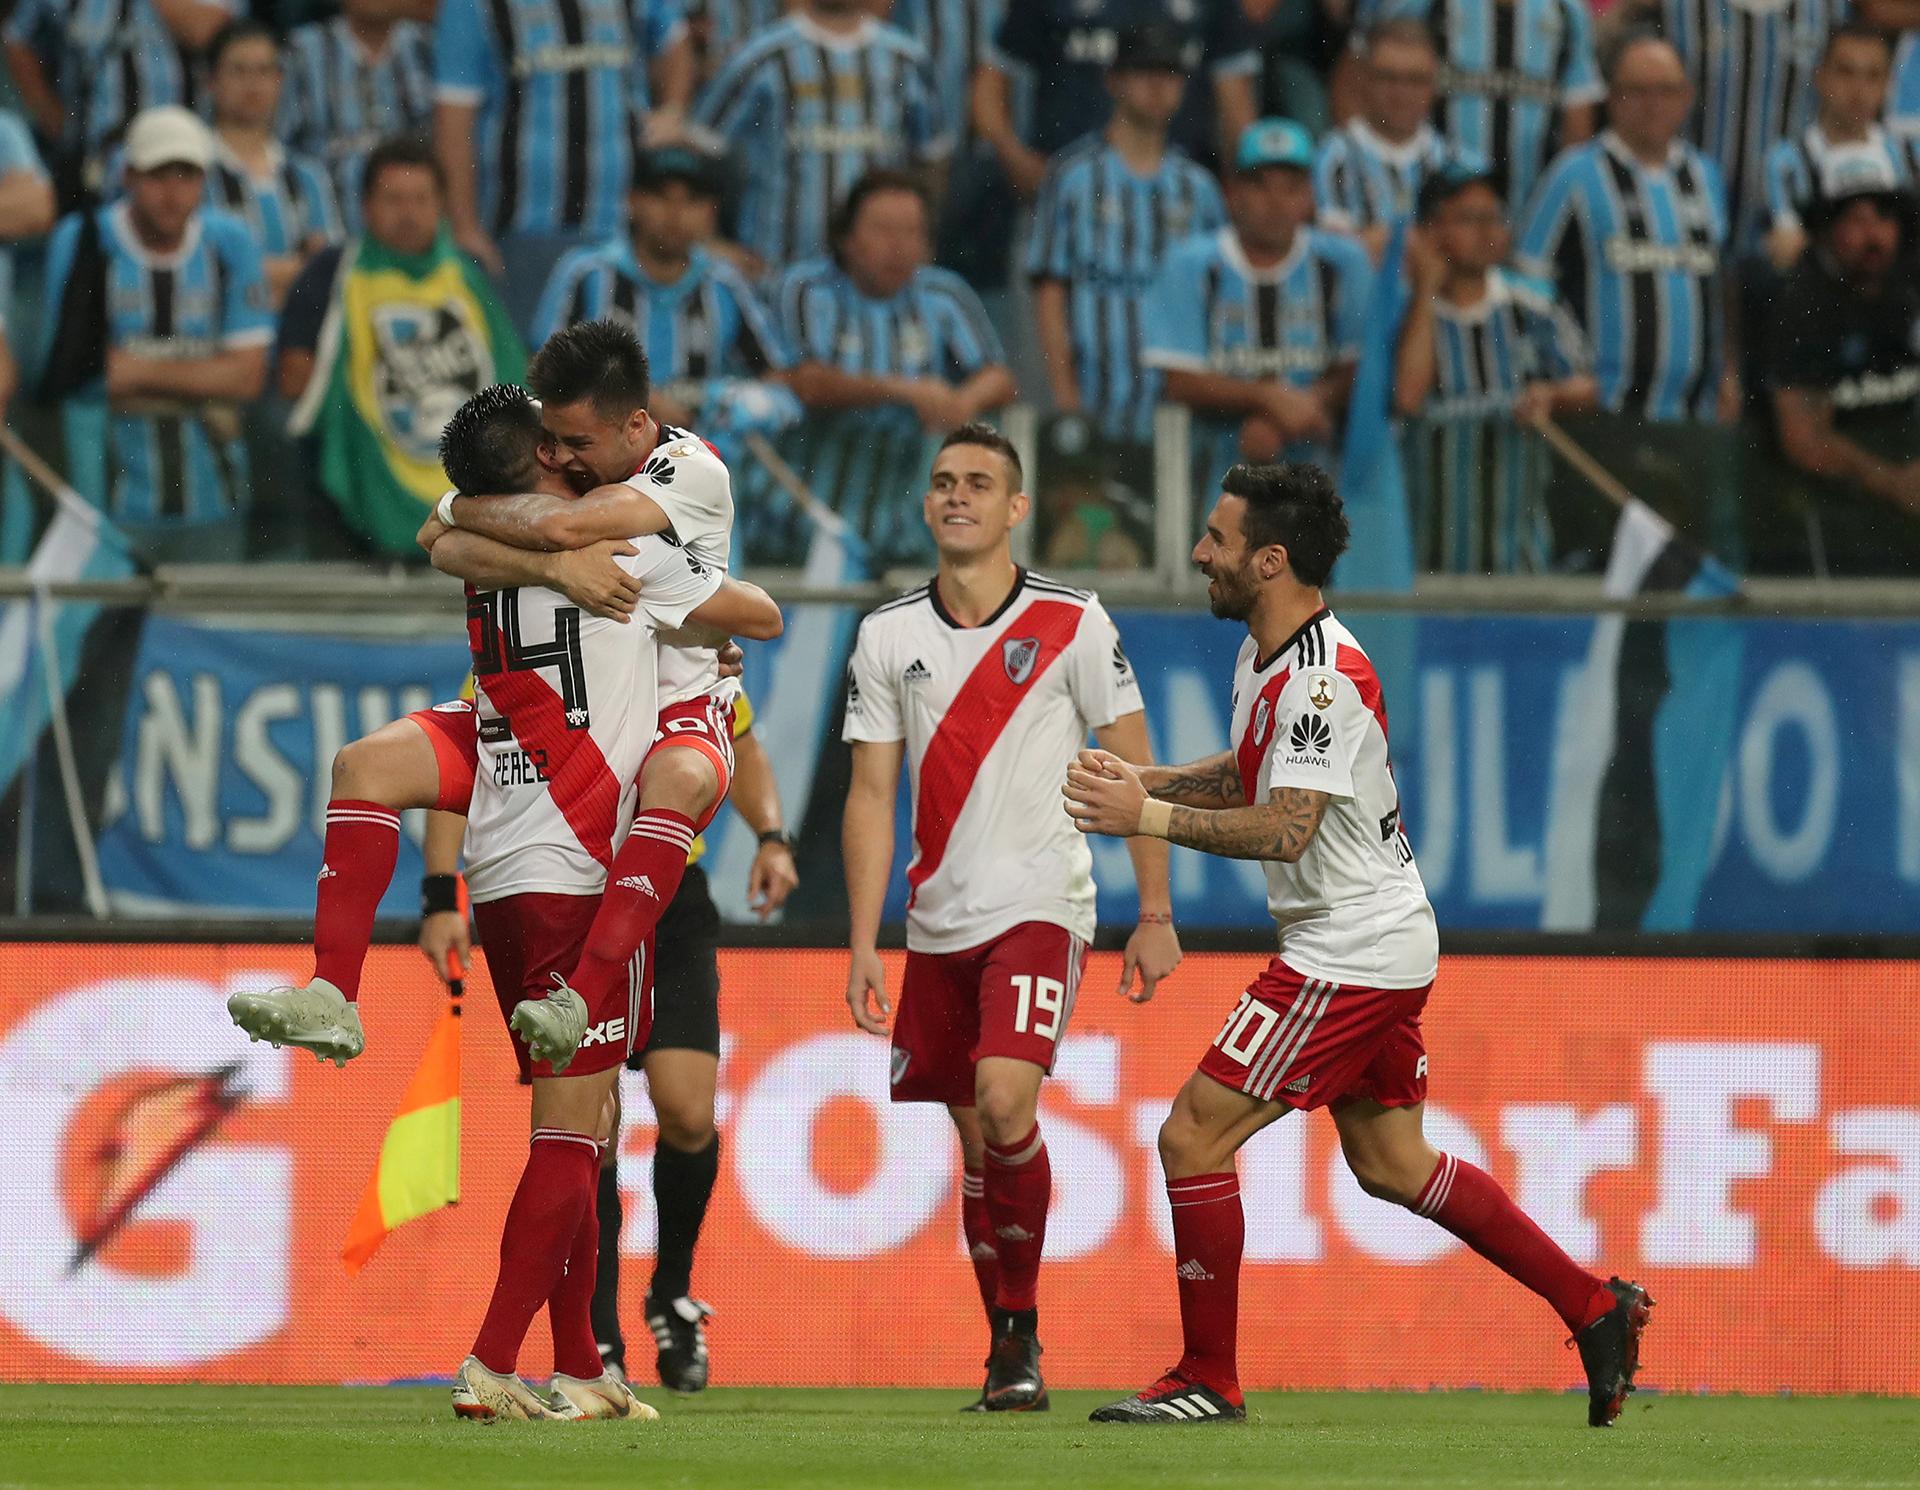 """Gonzalo """"Pity"""" Martínezse abraza con Enzo Pérez tras el 2-1 definitivo de River sobre Gremio (REUTERS)"""